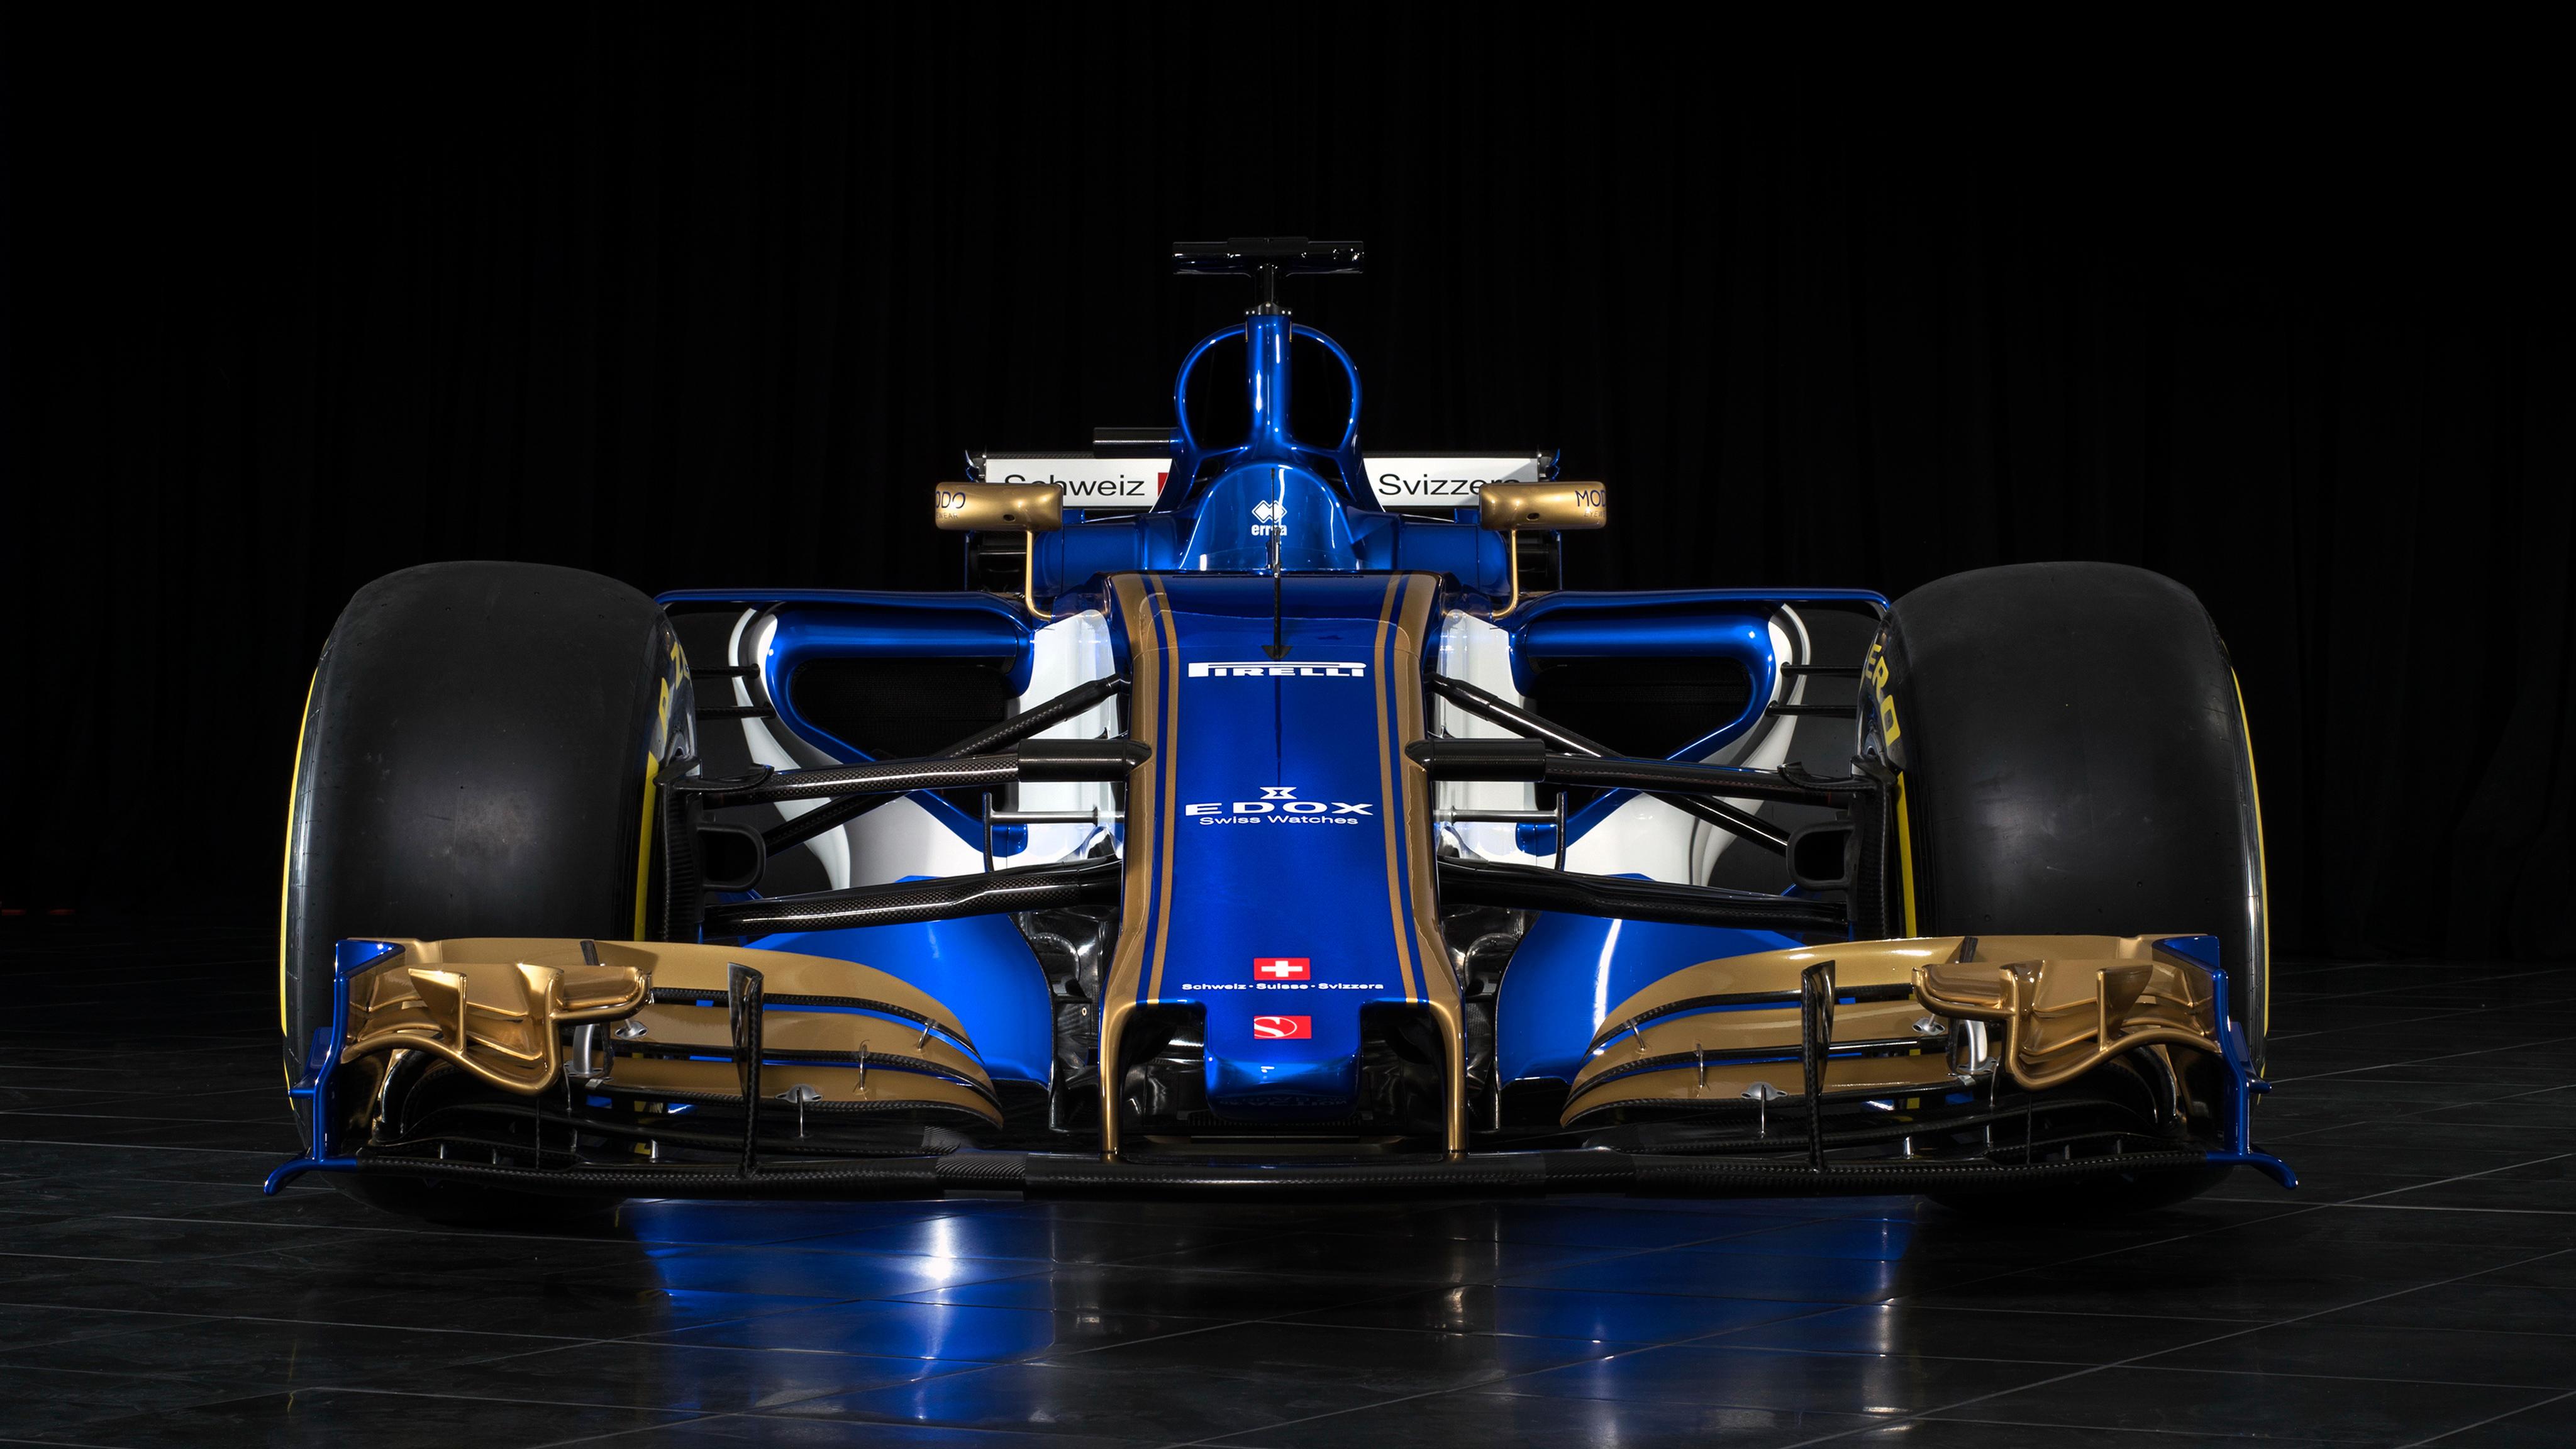 Sauber c36 F1 автомобиль обои скачать